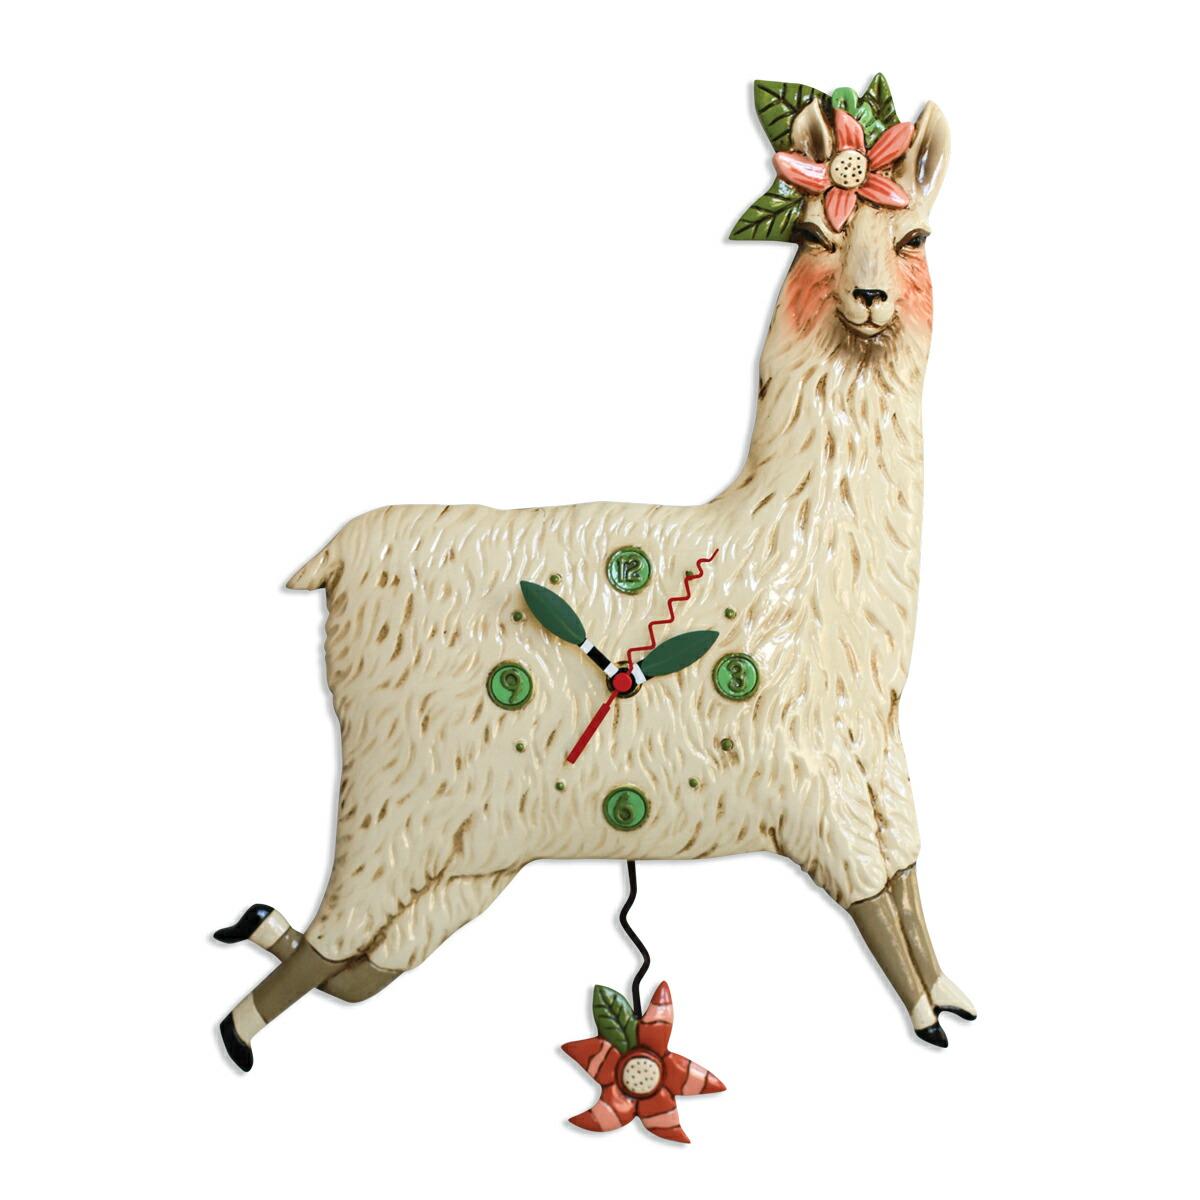 ラマ アレン デザイン 振り子時計 Allen Designs Llama Love Pendulum Clock 掛け時計 P1920 ミシェルアレン ミシェル・アレン アレン・デザイン ALLEN DESIGNS 時計 送料無料 【並行輸入品】